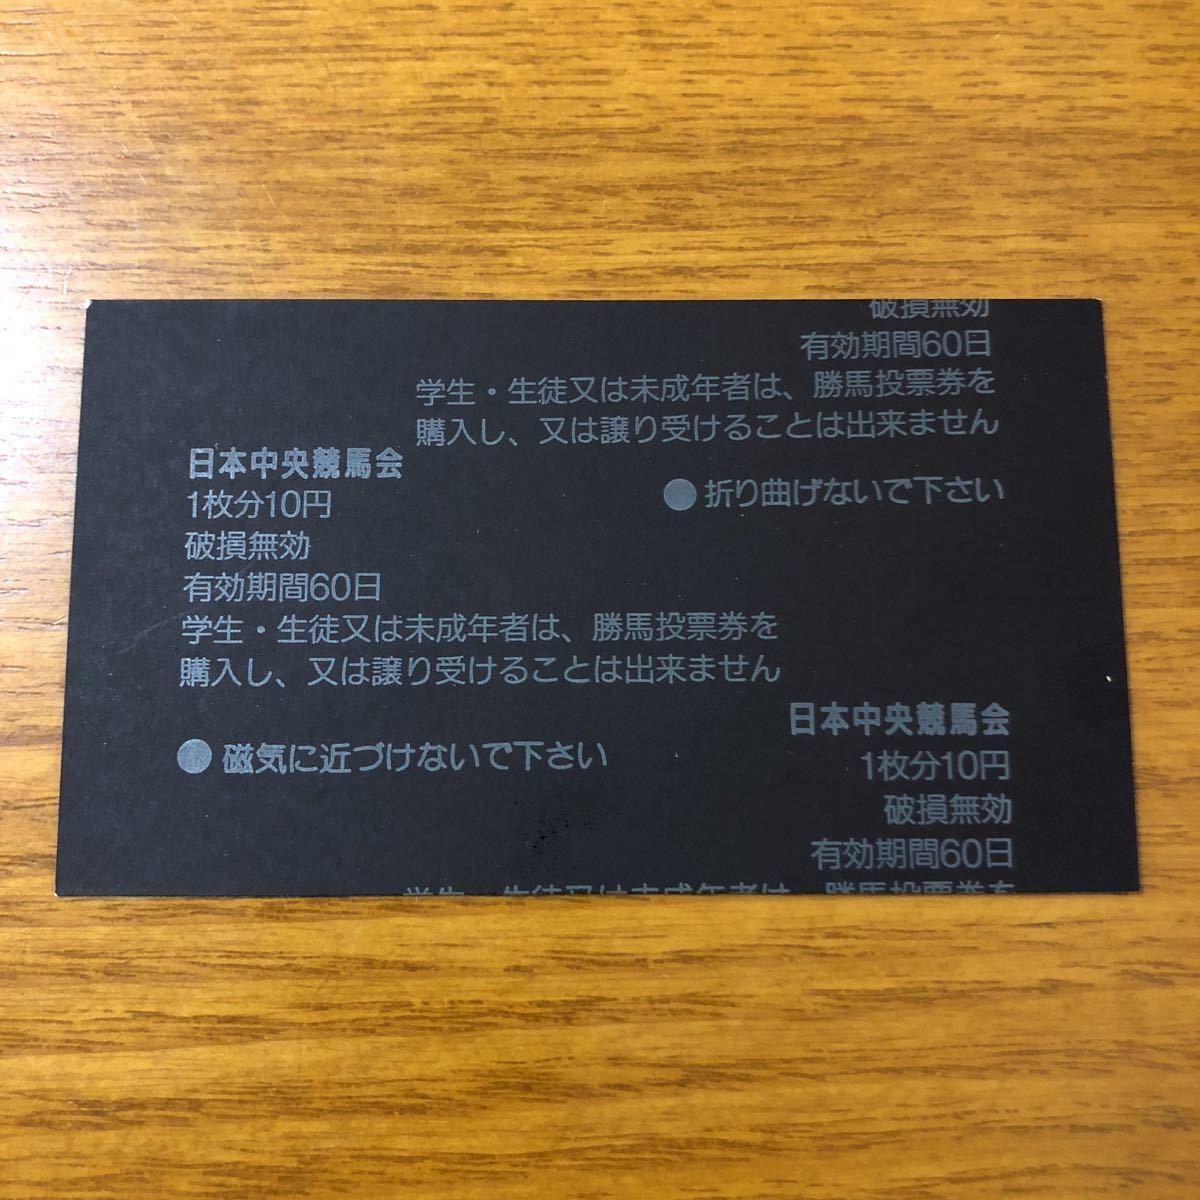 【希少品】サイレンススズカ 1998年 天皇賞・秋 東京(現地)購入 単勝馬券_画像2